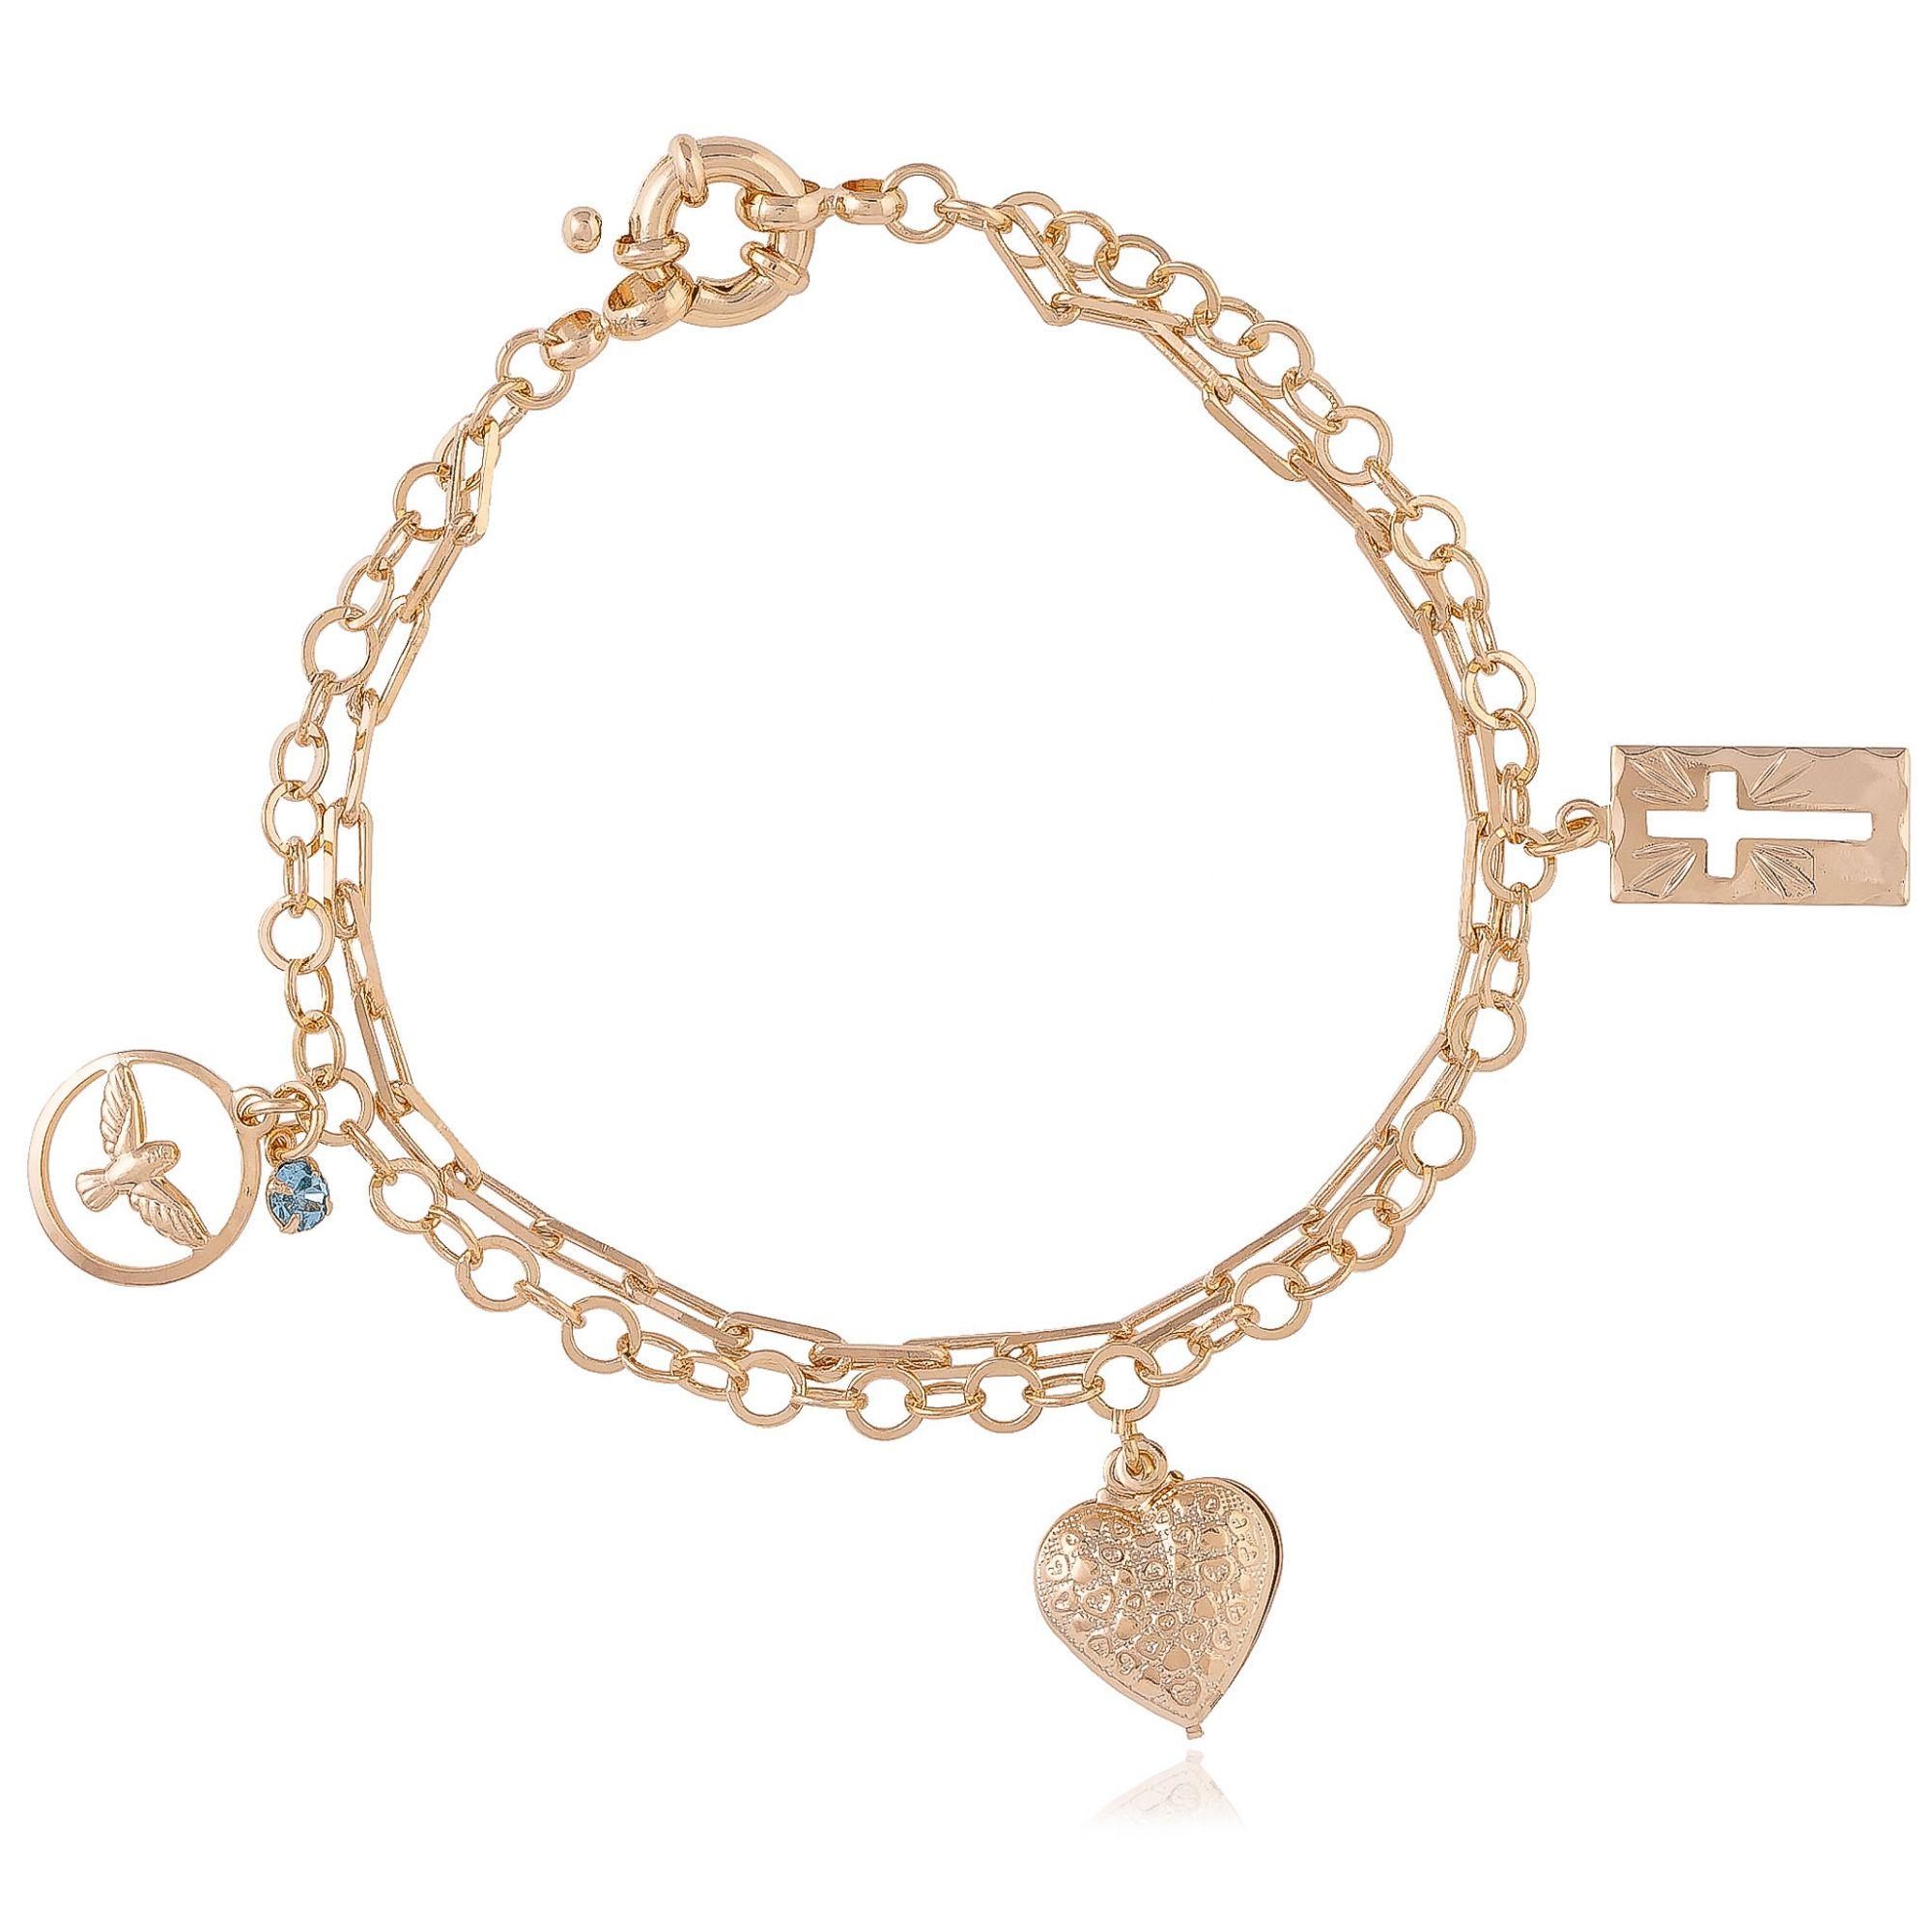 Pulseira com pendentes de coração banhada a ouro 18k.  - bfdecor.com.br